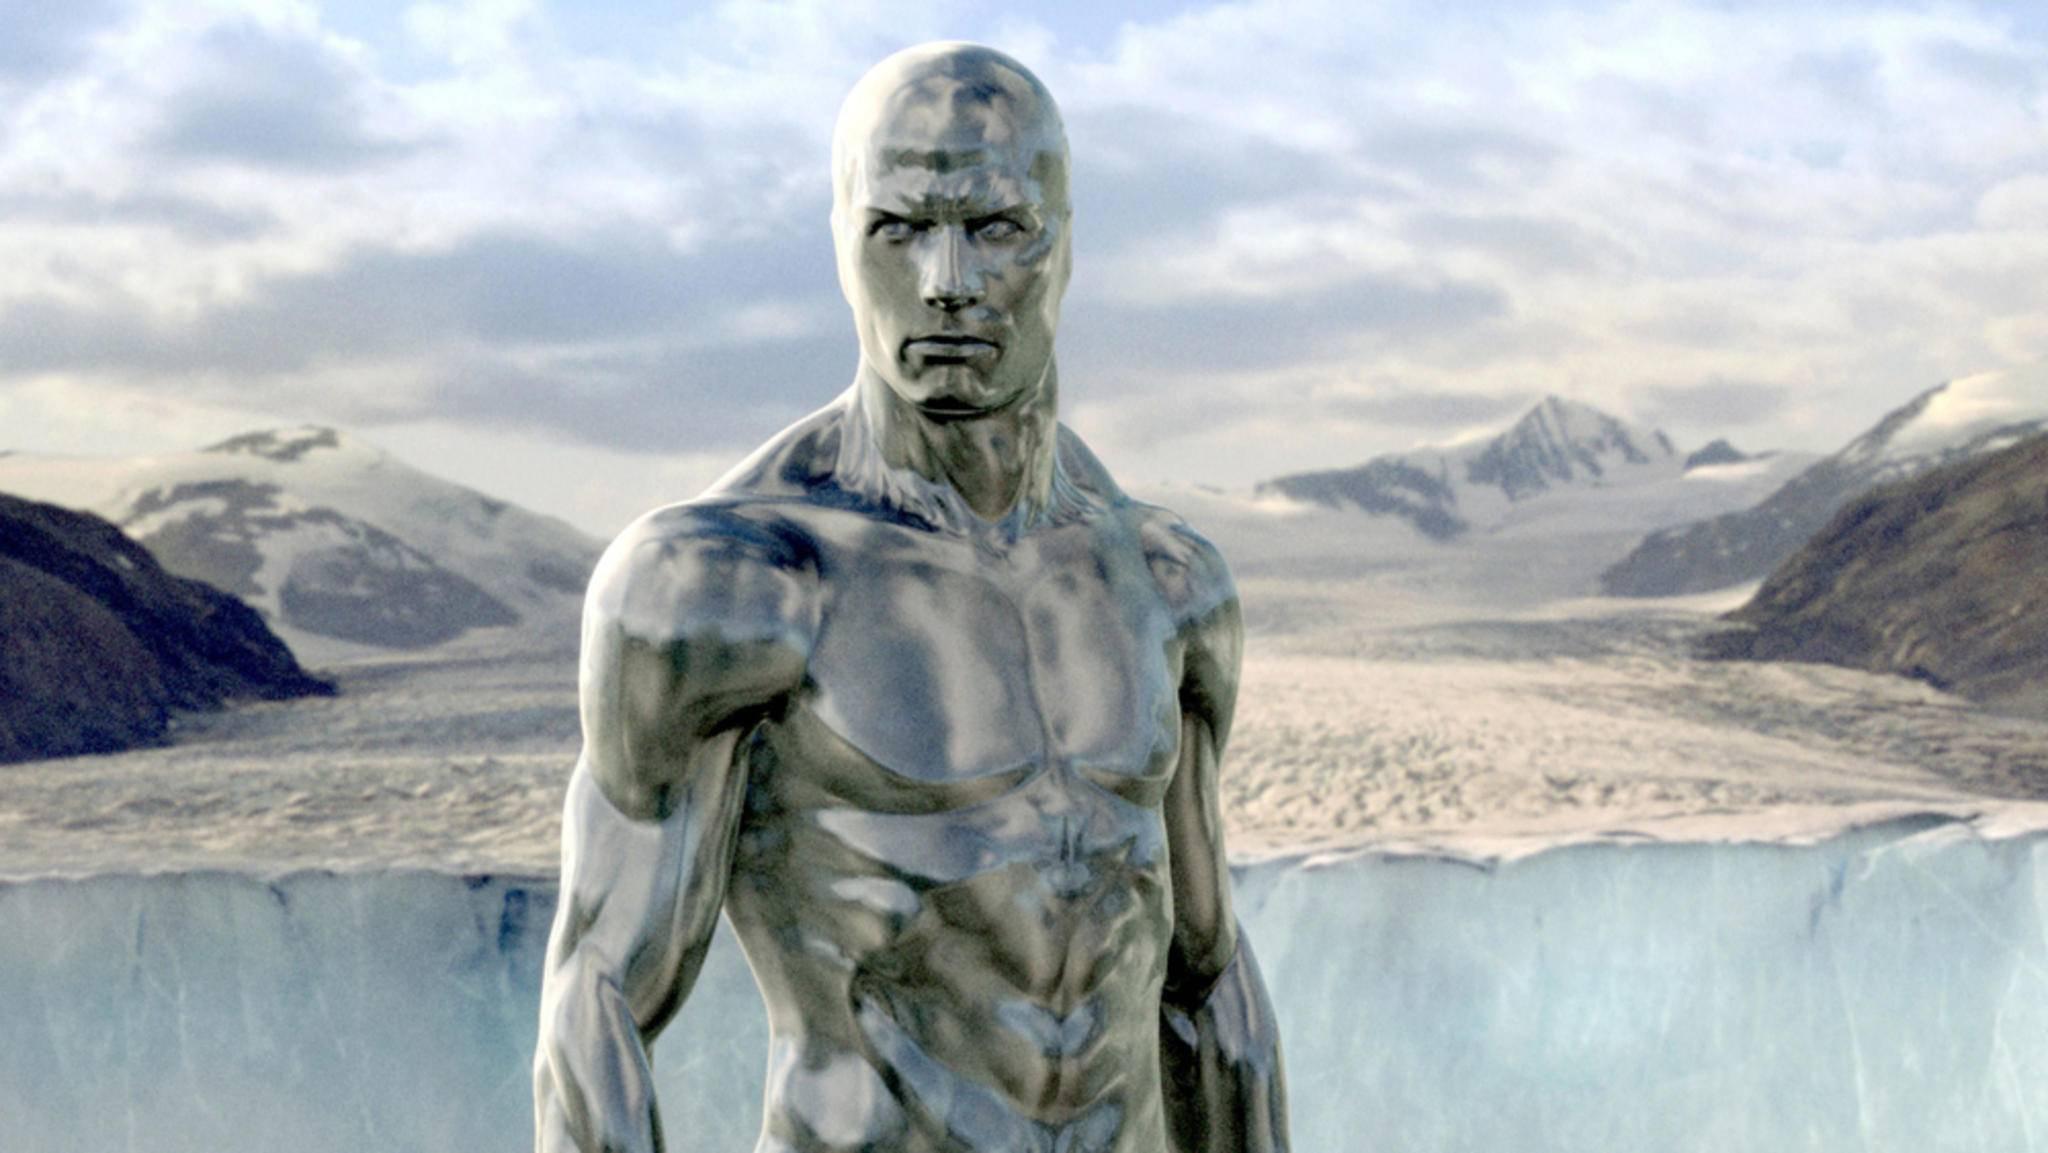 Der Silver Surfer ist ohne Frage einer der mächtigsten Marvel-Helden.